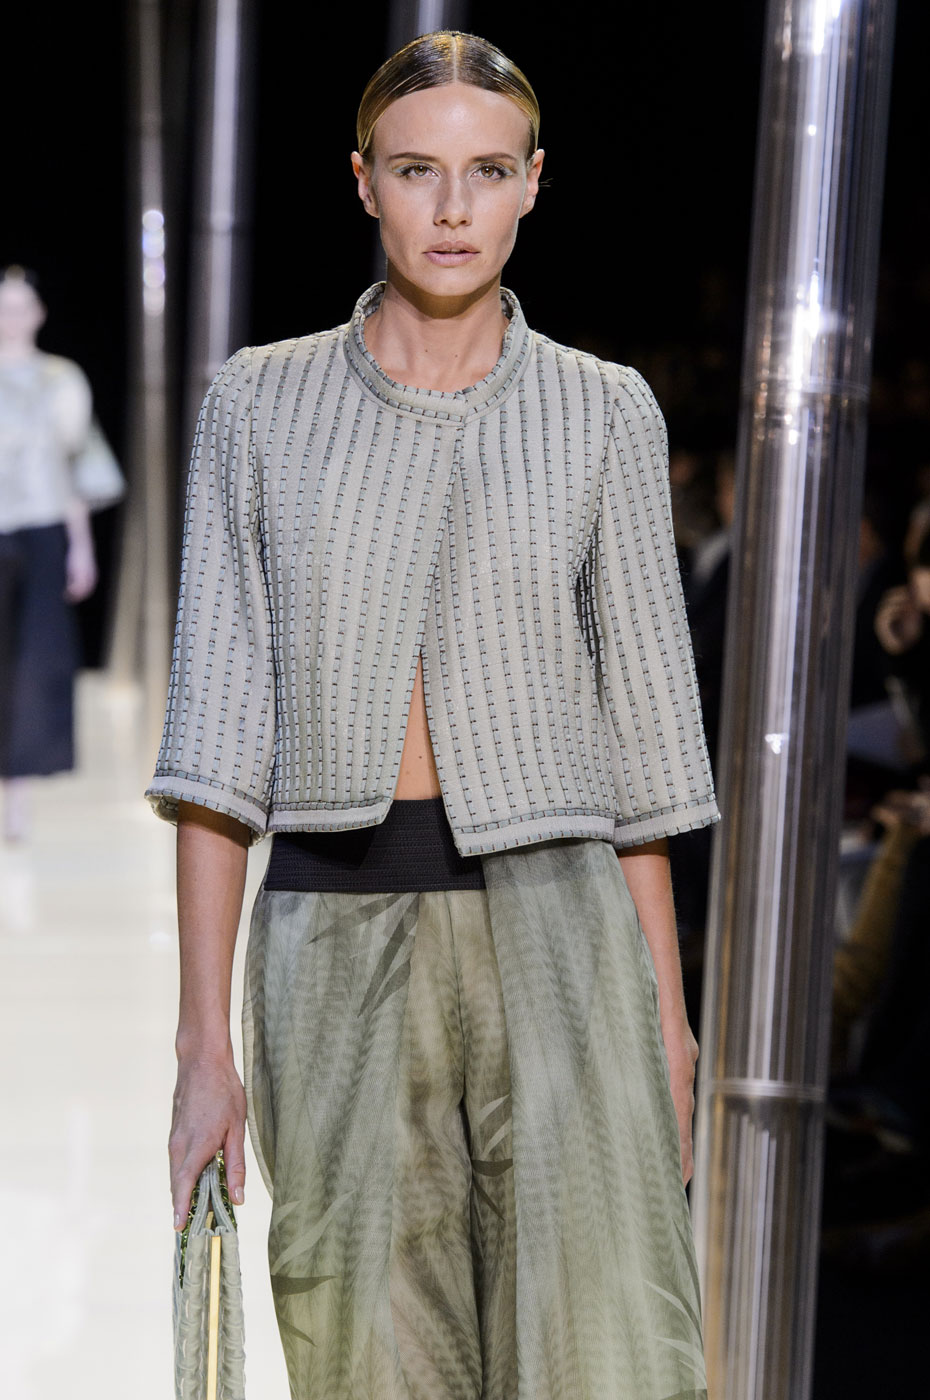 Giorgio-armani-Prive-fashion-runway-show-haute-couture-paris-spring-2015-the-impression-032